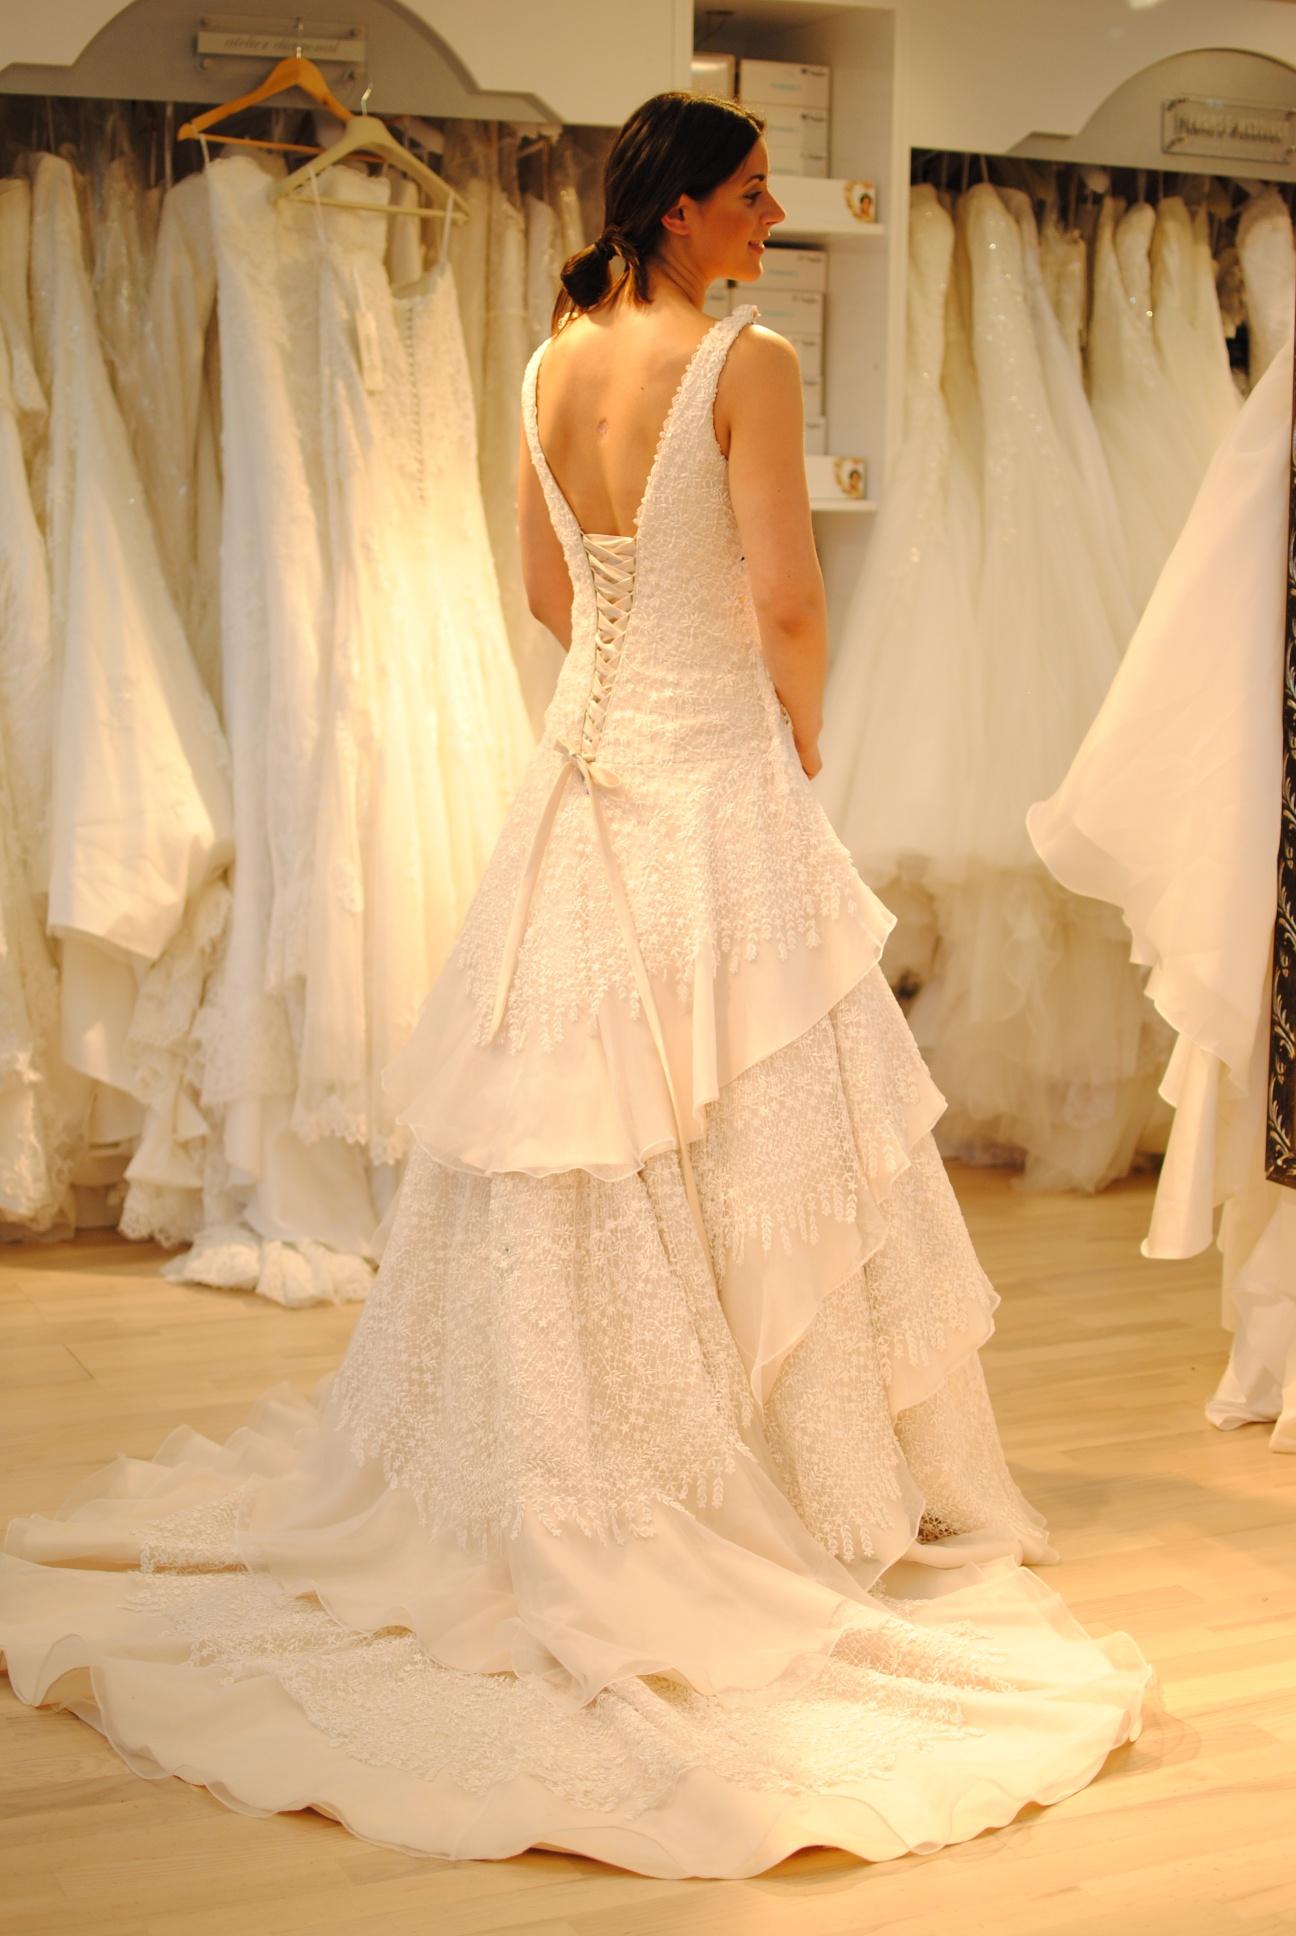 a79eb85ca1a9 Våra sömmerskor fixar din drömklänning! - Proms & Weddings Blog ...